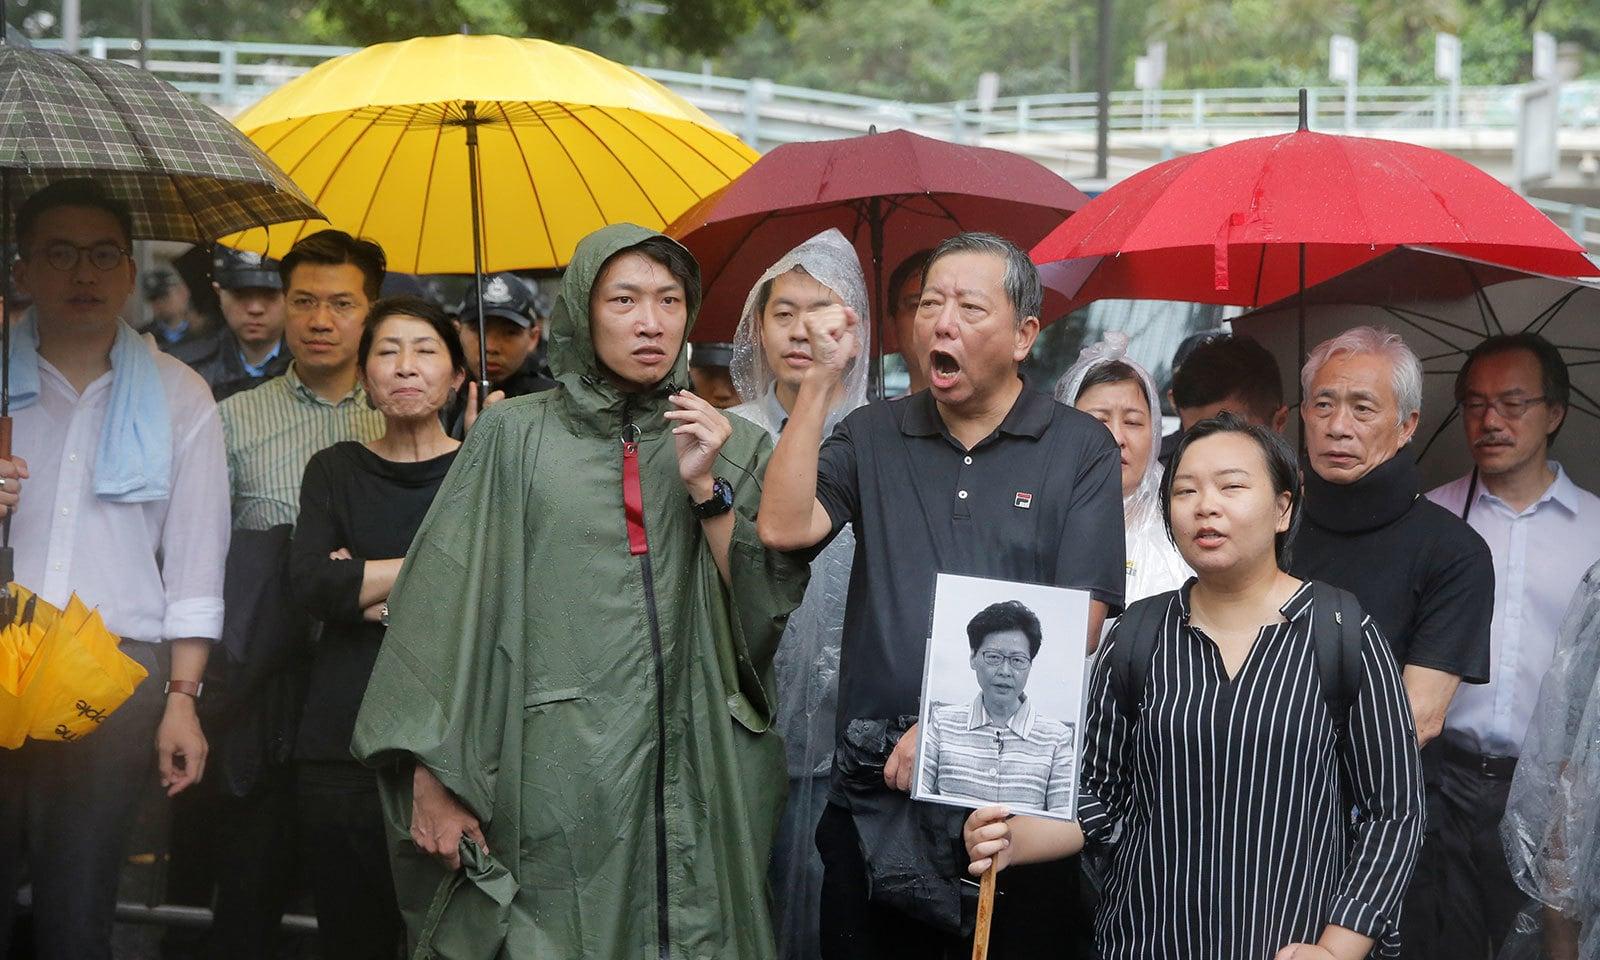 ہانک کانگ میں جمہوریت پسند قانون سازوں نے بھی احتجاج کیا — فوٹو: رائٹرز